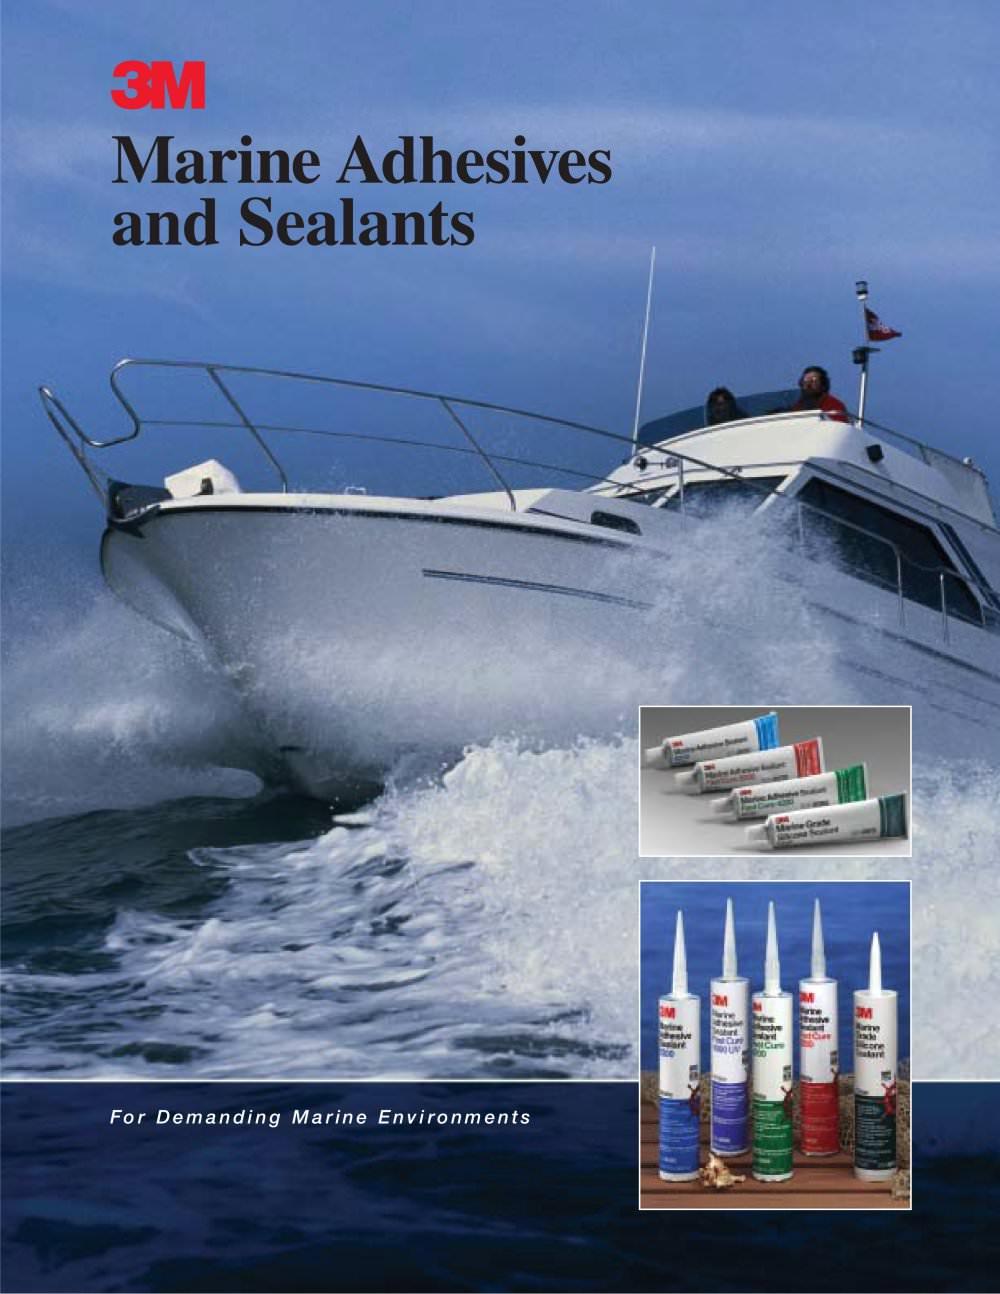 Keo dán kính/Panel 3M Dòng Hybird 4000UV 3M Marine Adhesive/Sealant Fast Cure 4000 UV 06580 295ml